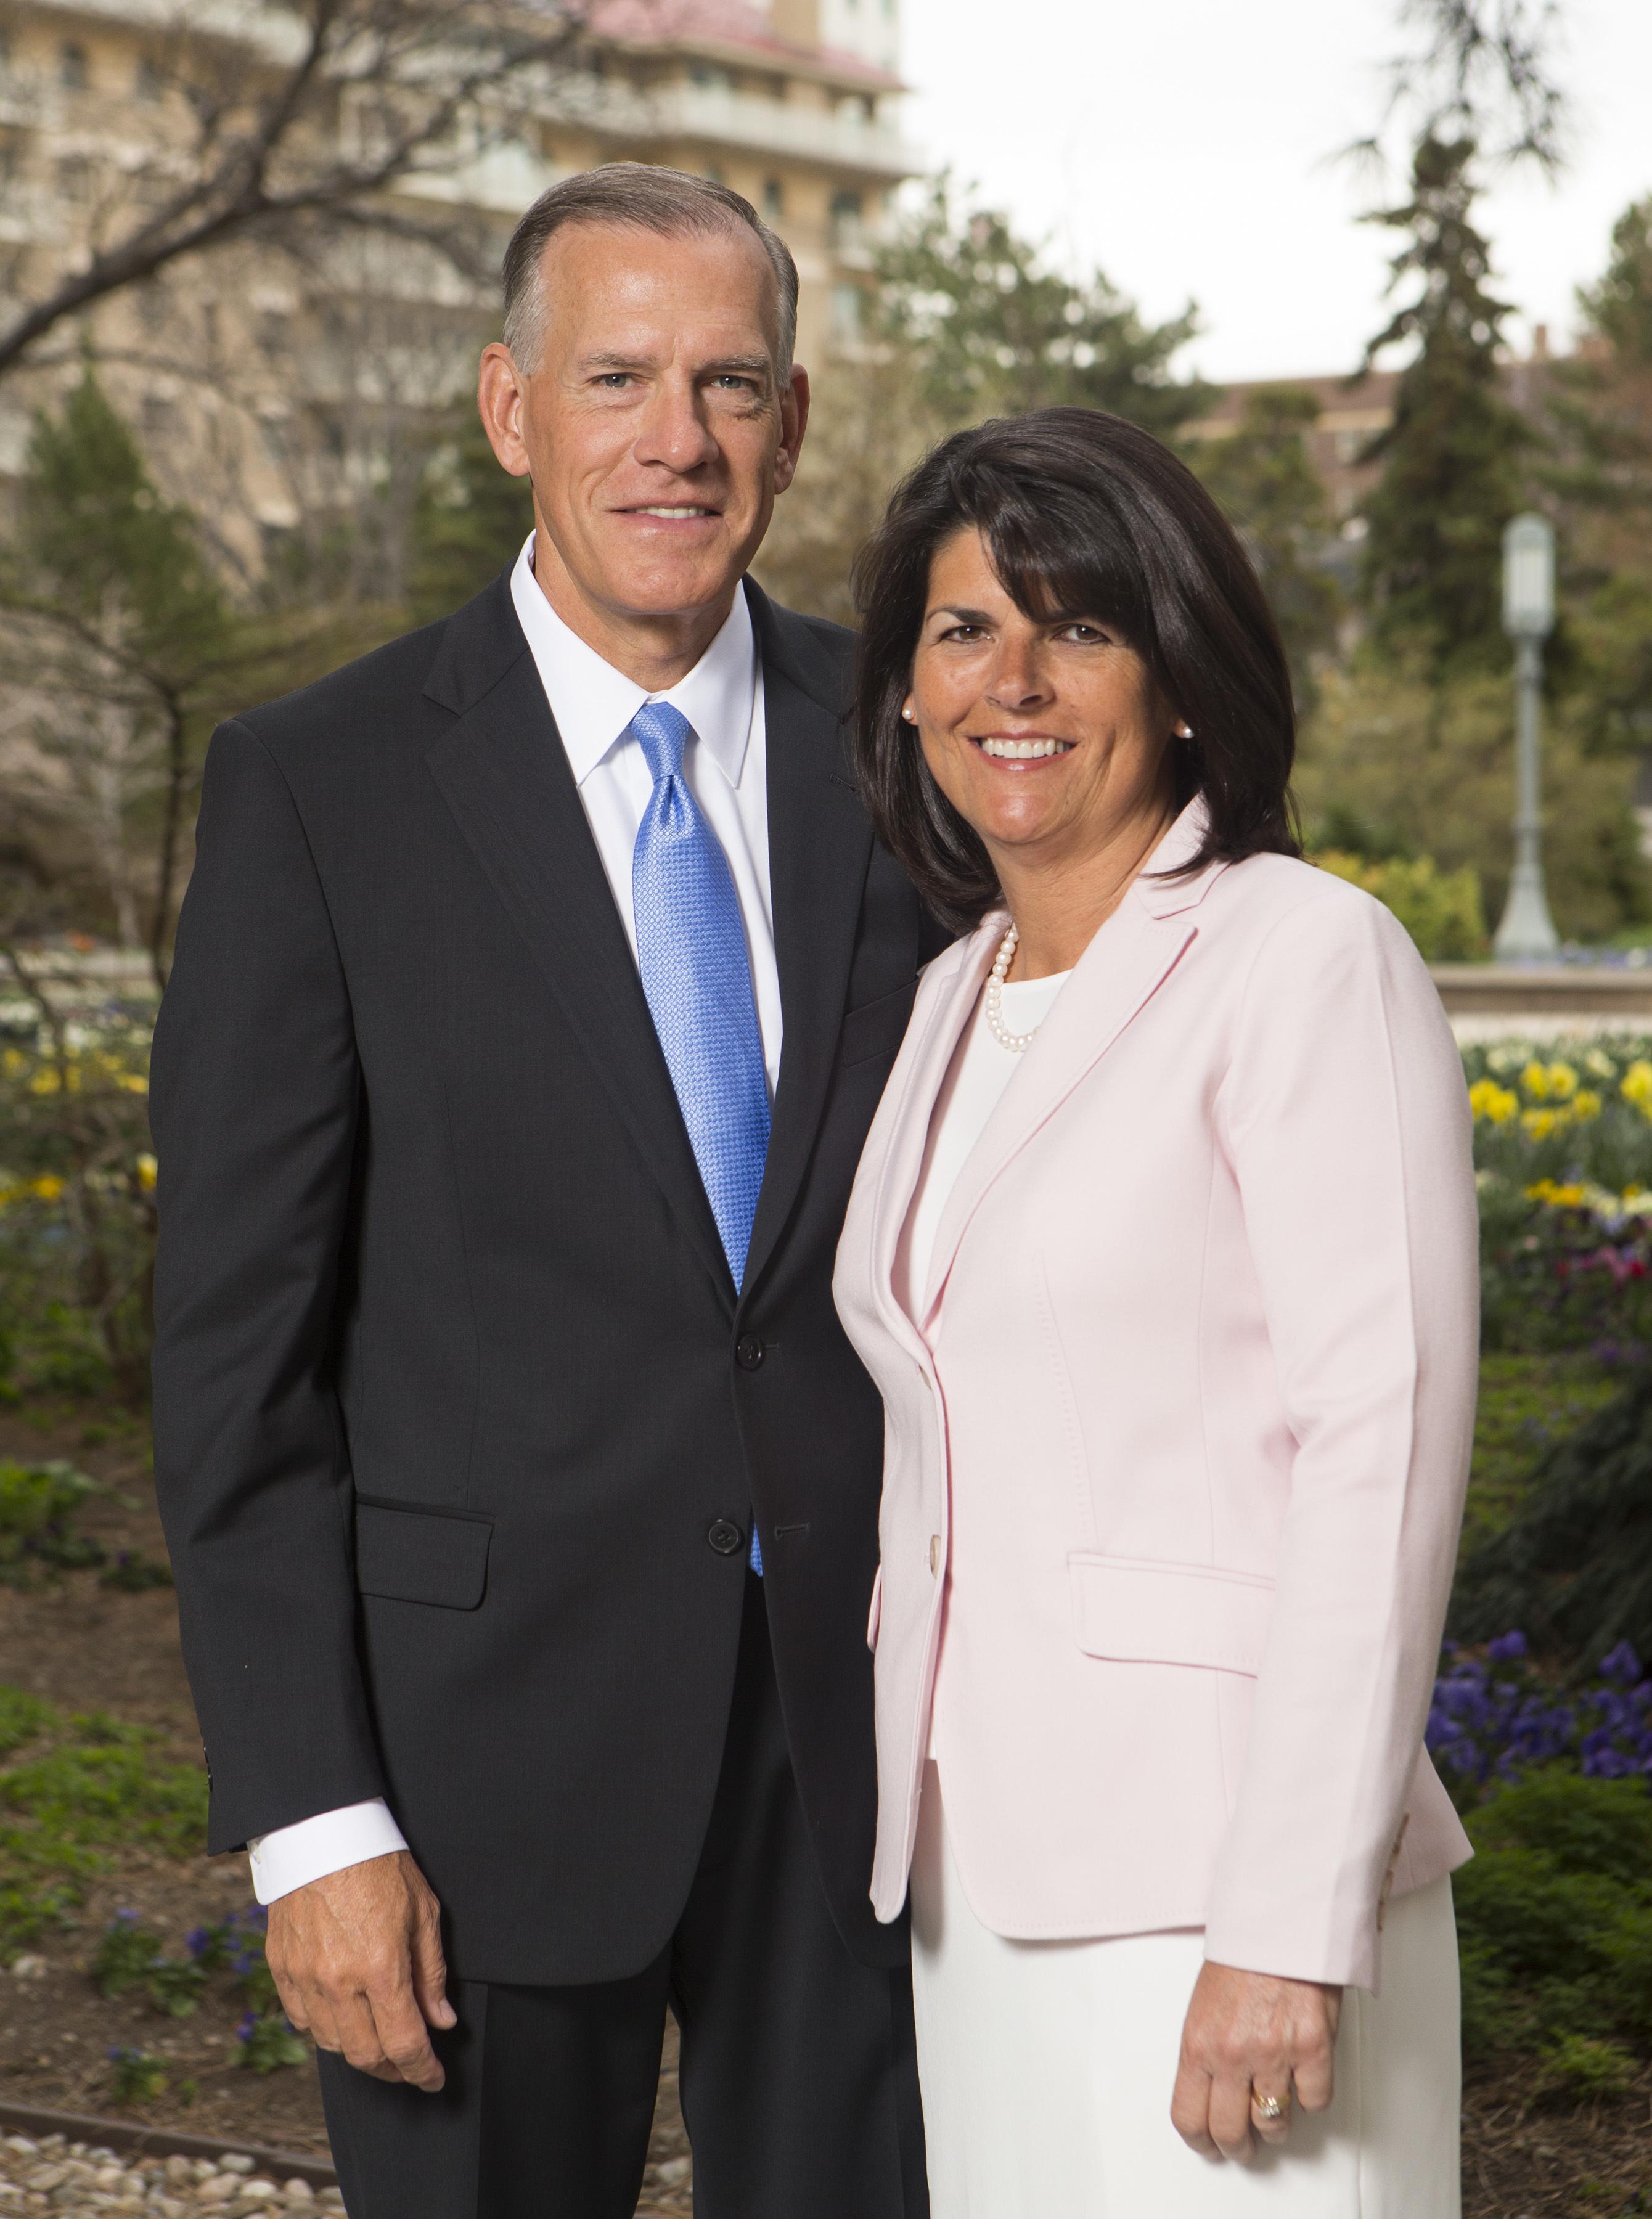 Elder Steven R. Bangerter, General Authority Seventy, and his wife, Sister Susann A. Bangerter, in Salt Lake City on Monday, April 2, 2018.